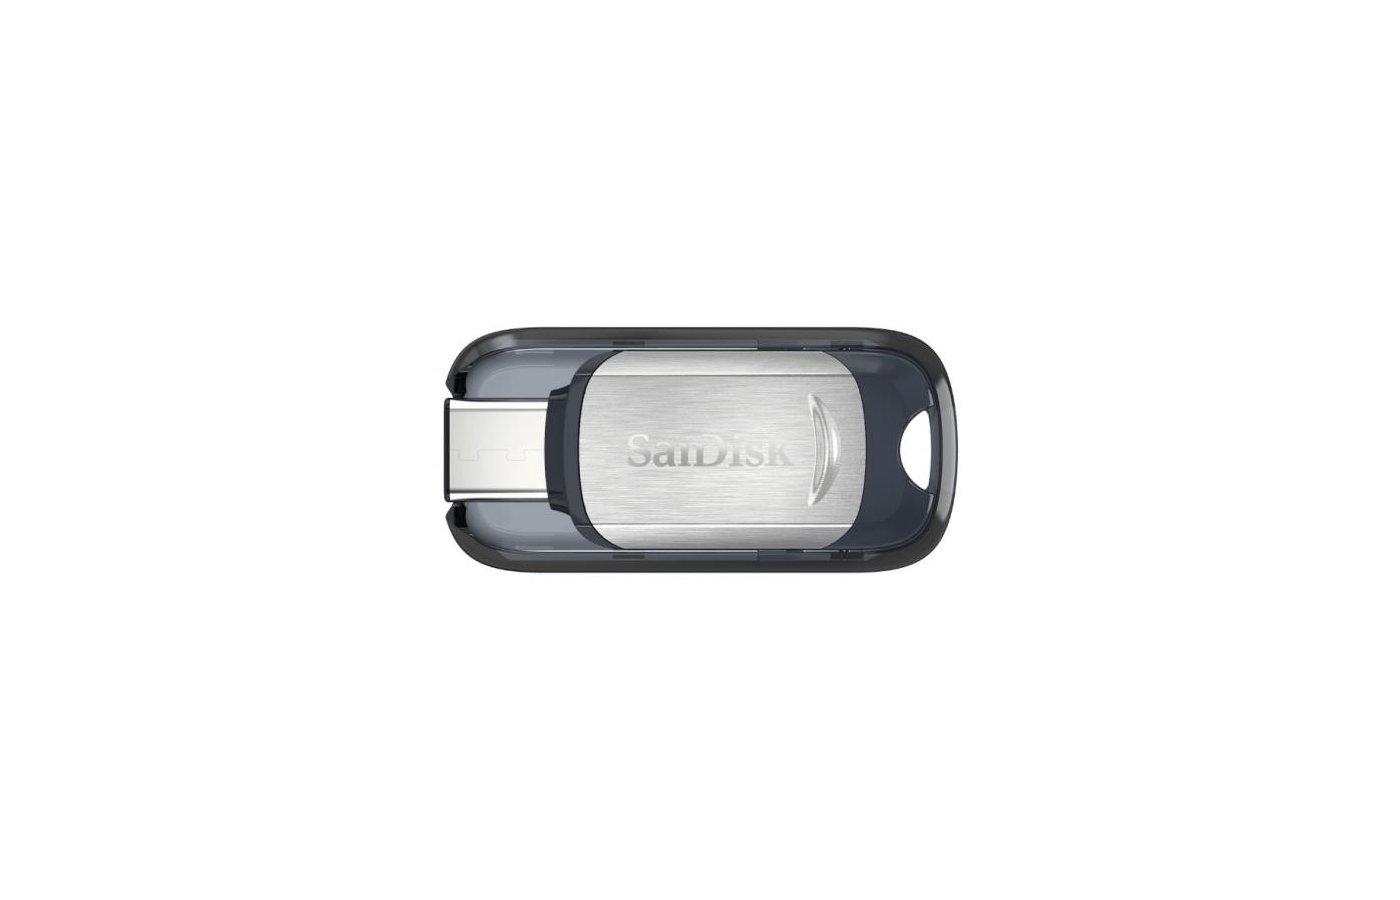 Флеш-диск USB3.0 Sandisk 128Gb Type C SDCZ450-128G-G46 черный/серебристый